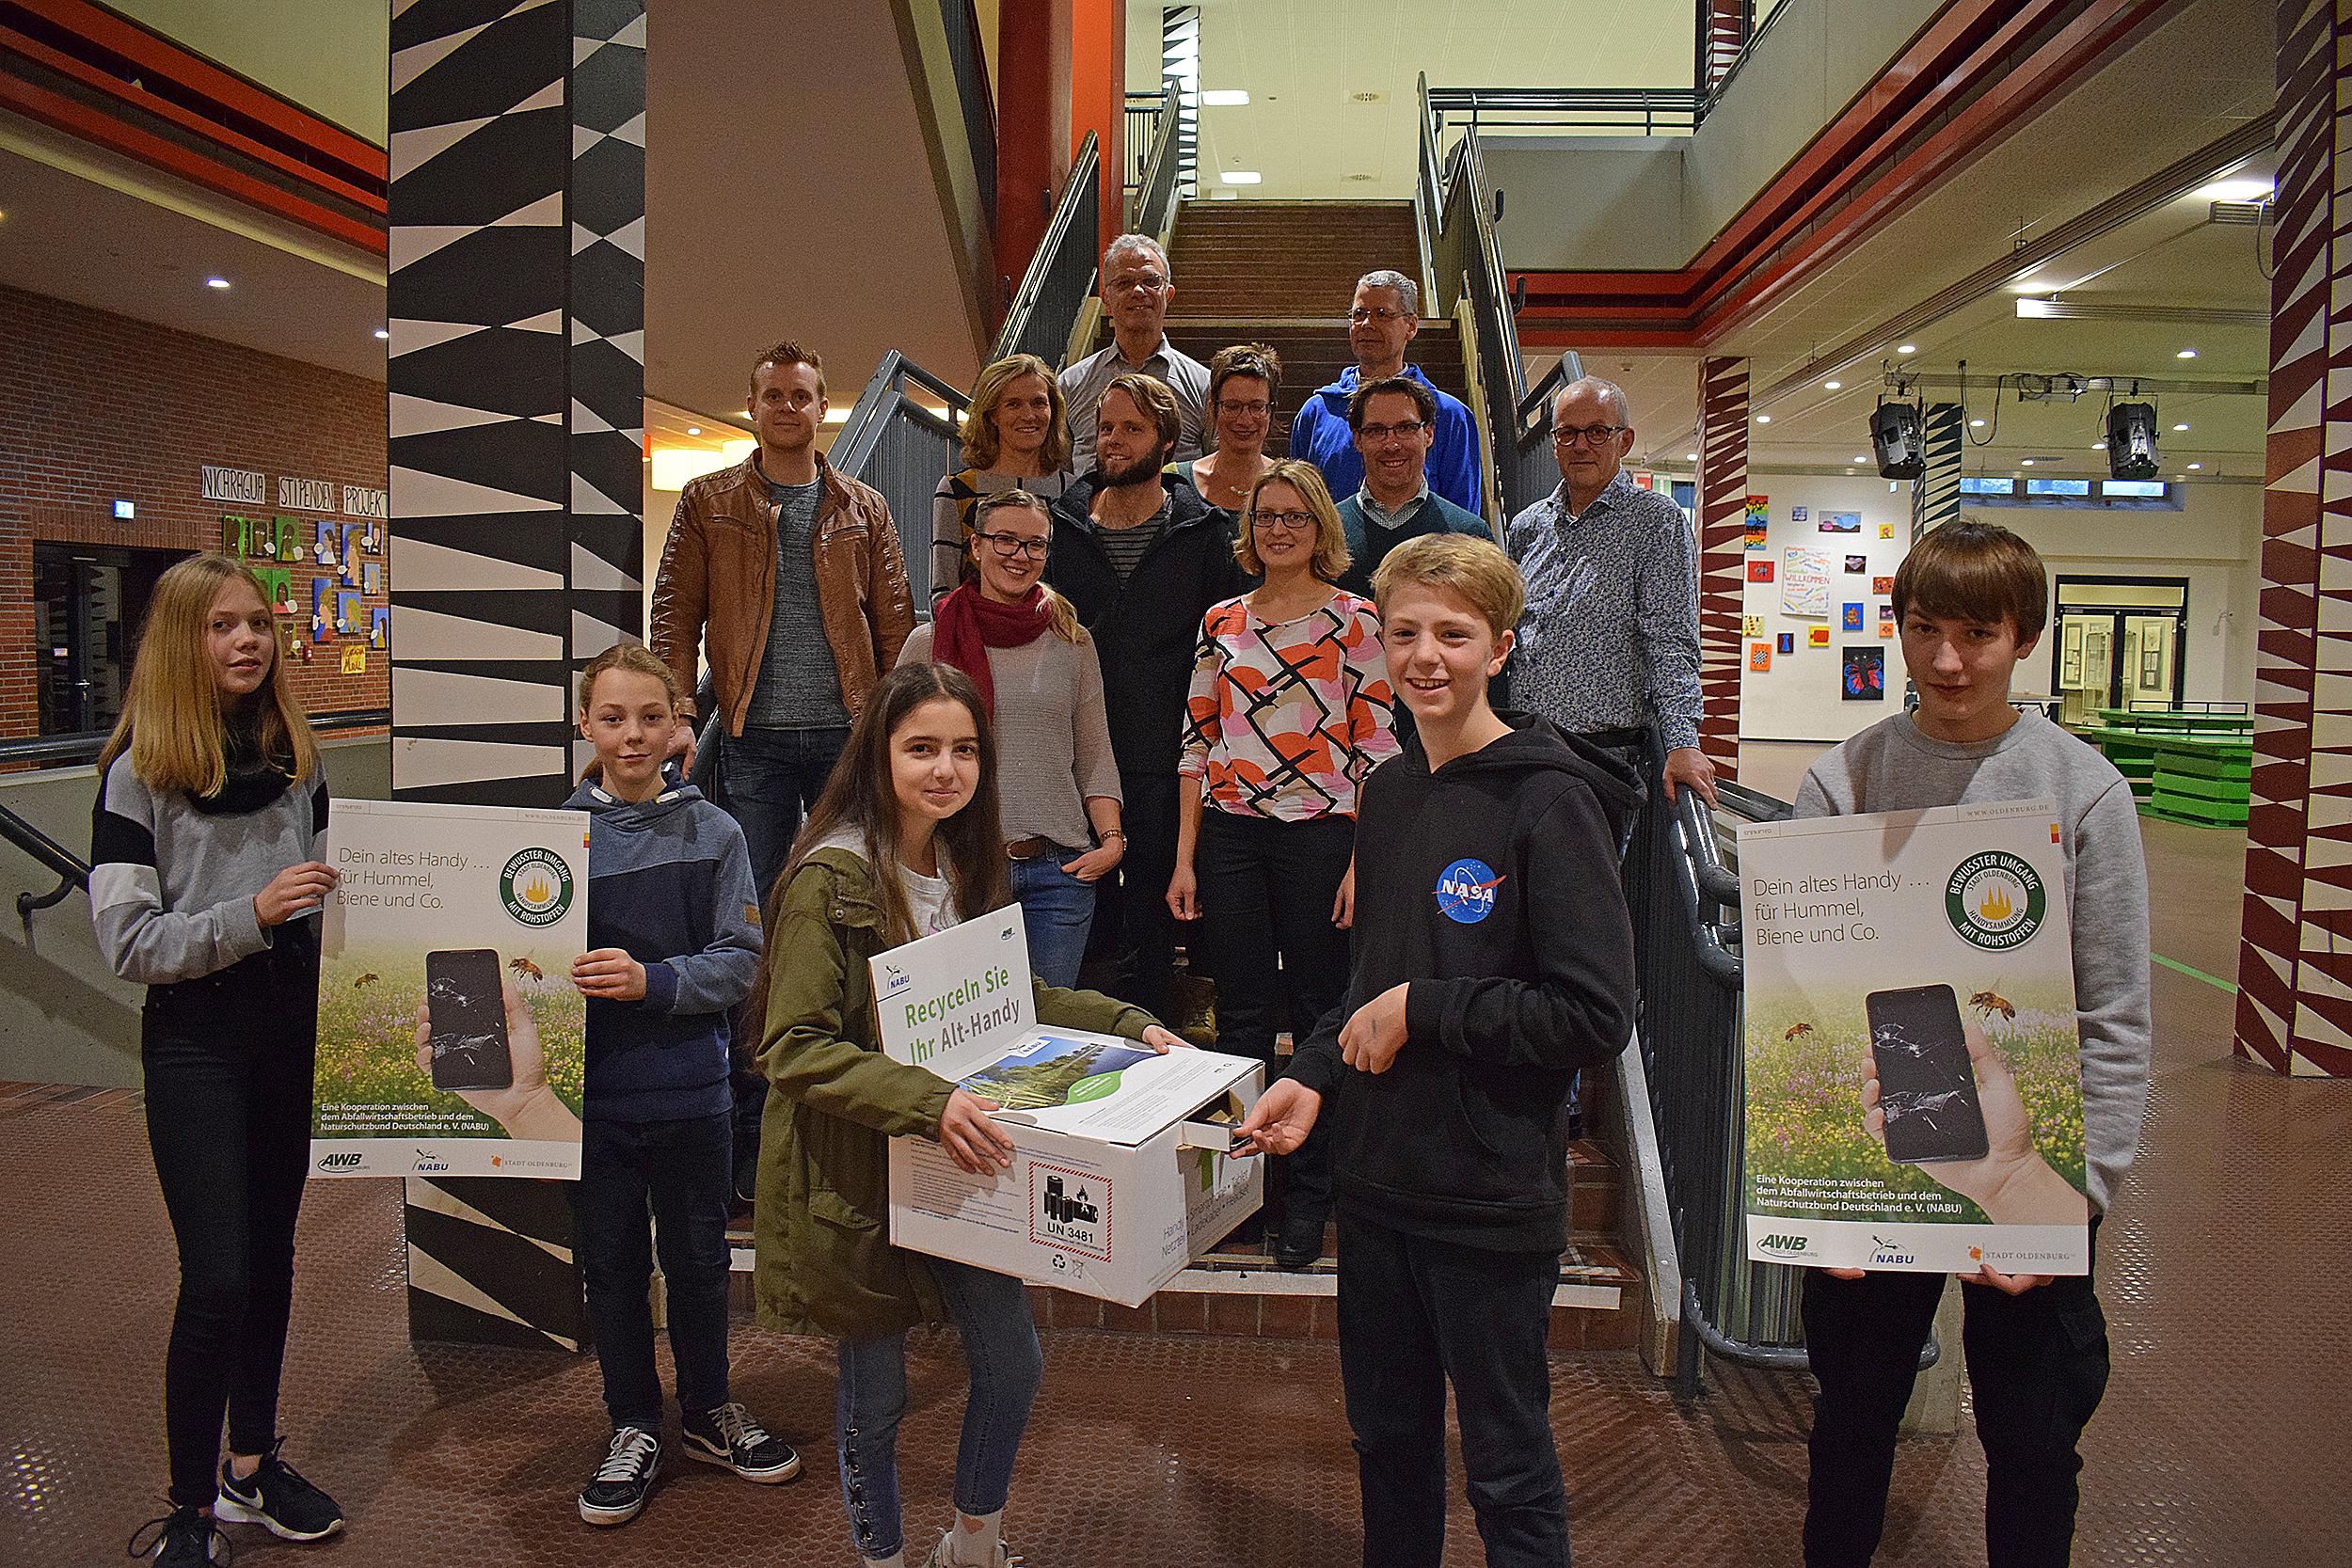 An vier Oldenburger Schulen werden alte Handys gesammelt. Kooperationsprojekt von AWB und NABU kommt Insekten zu Gute.